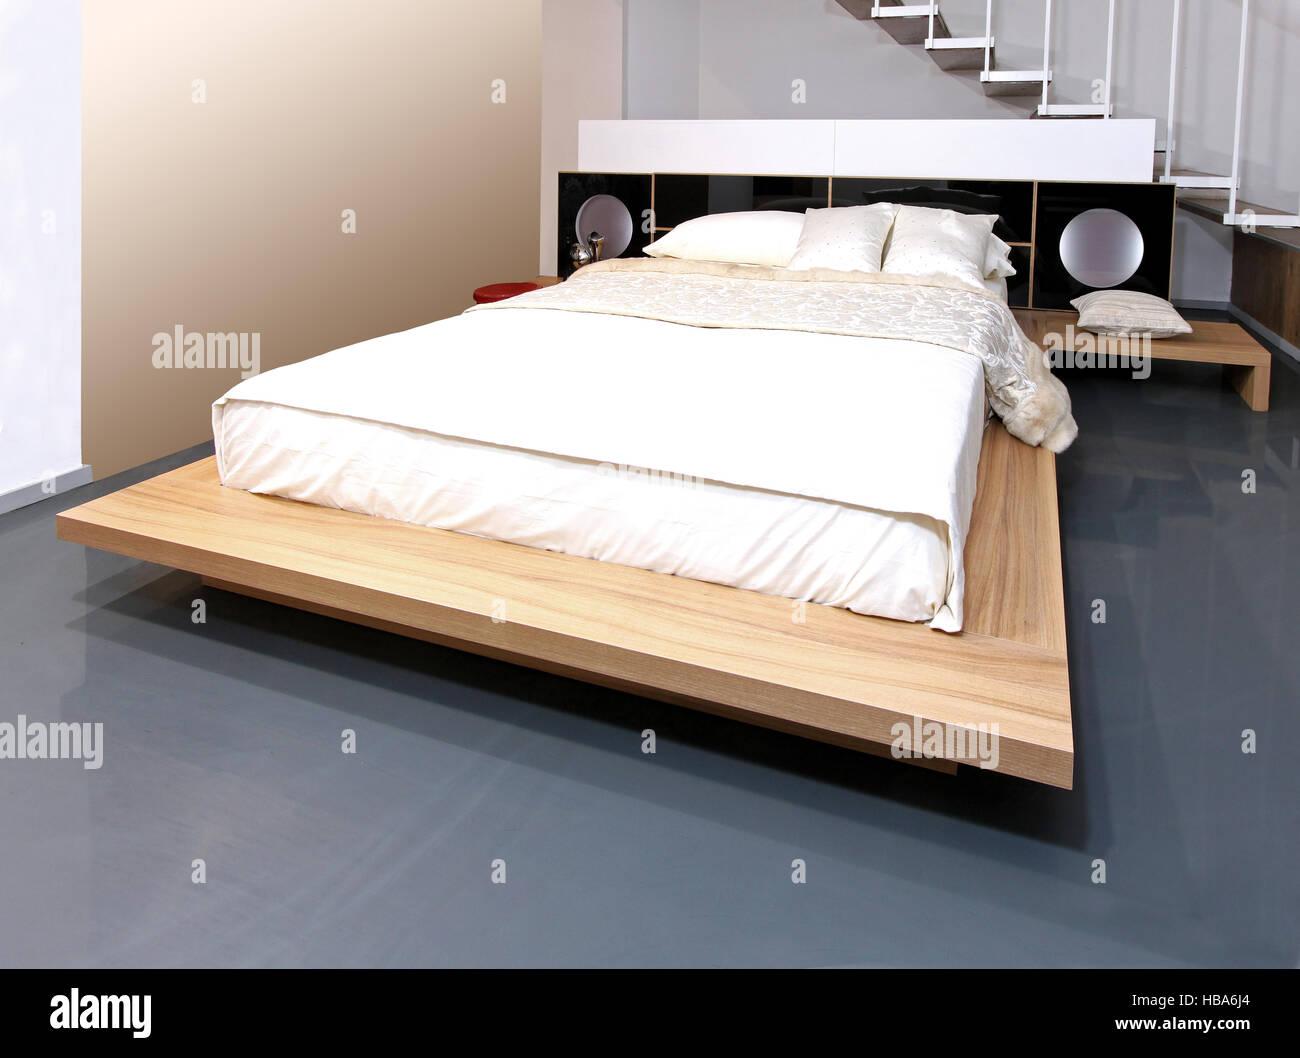 Moderno interiore camera da letto con grande letto in legno Immagini Stock